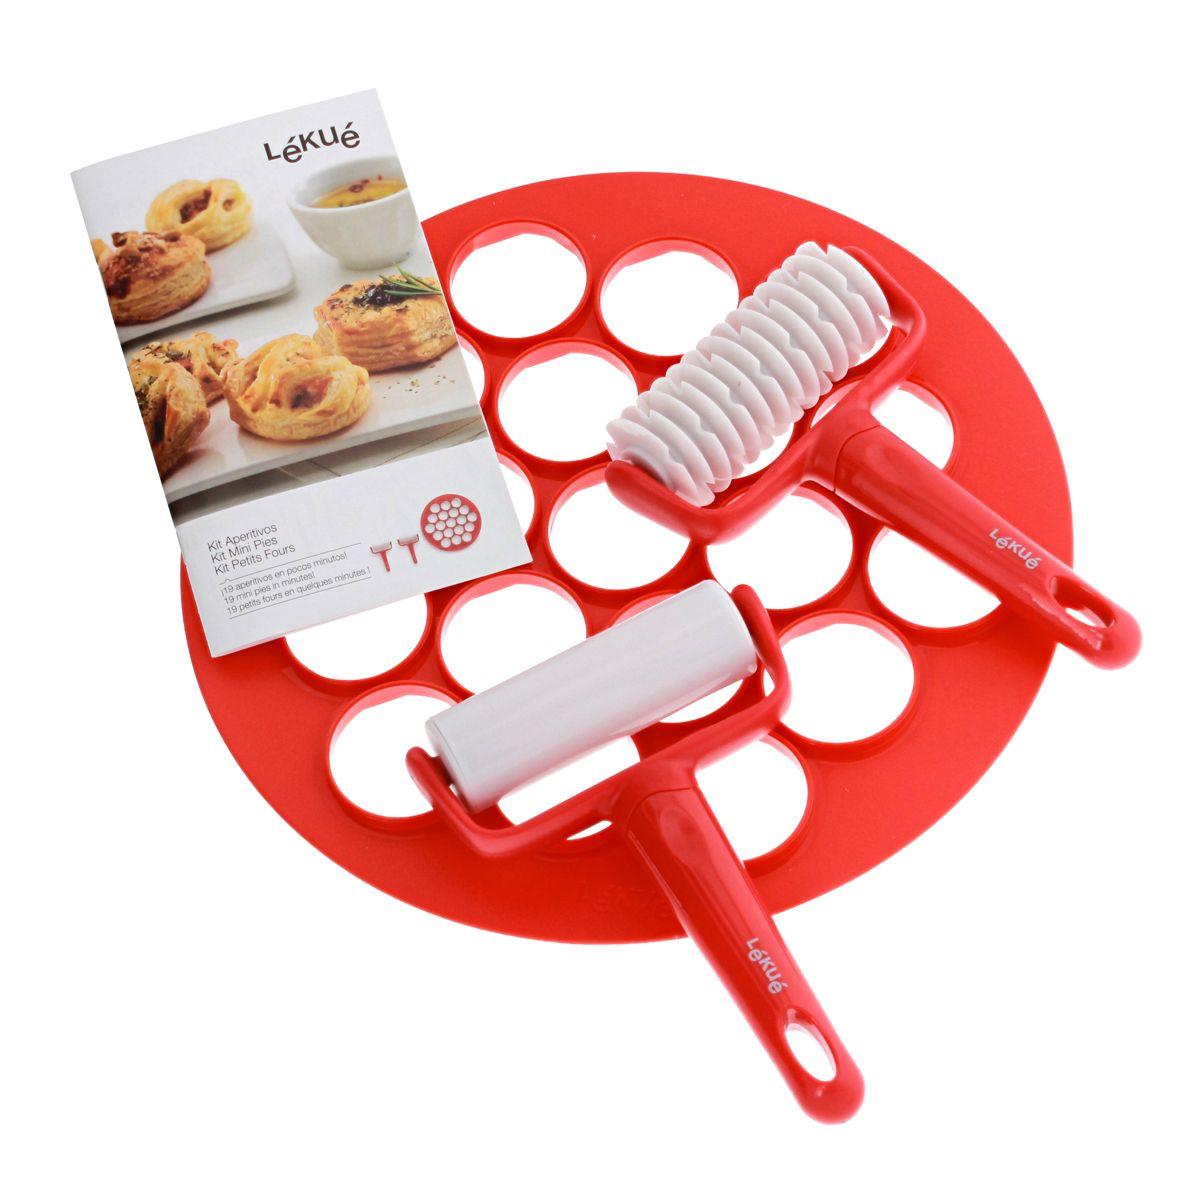 Coffret petits fours rouge et blanc 30 cm - Lékué